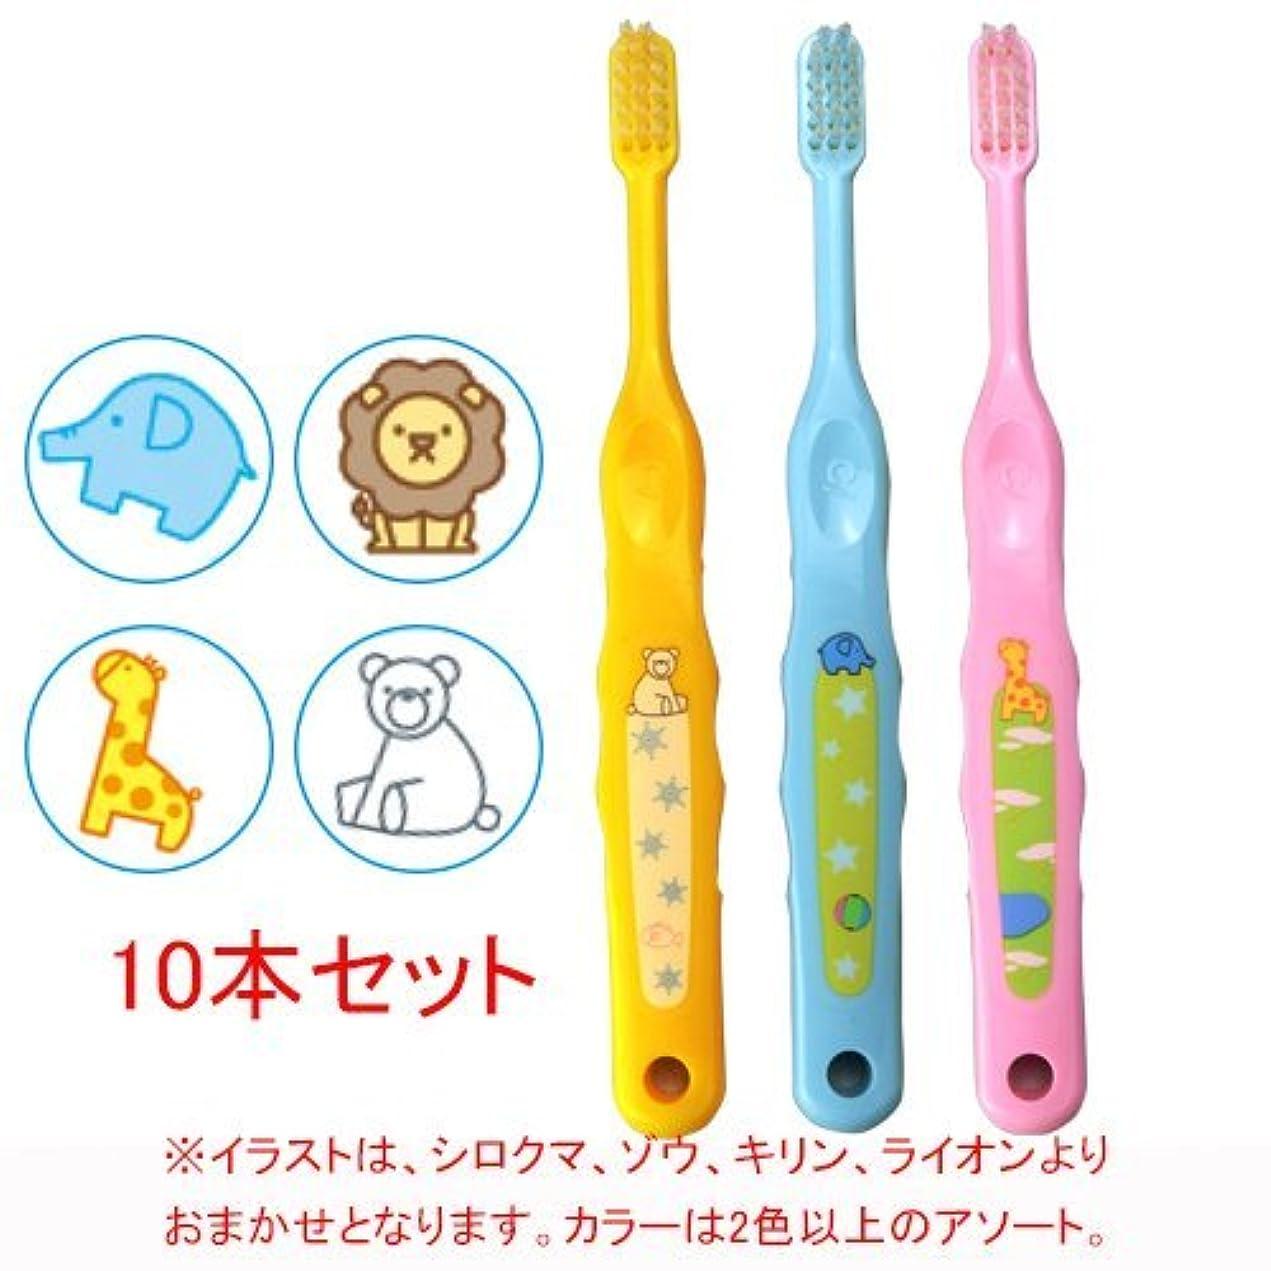 同意する二週間樹皮Ciメディカル Ci なまえ歯ブラシ 502 (ふつう) (乳児~小学生向)10本